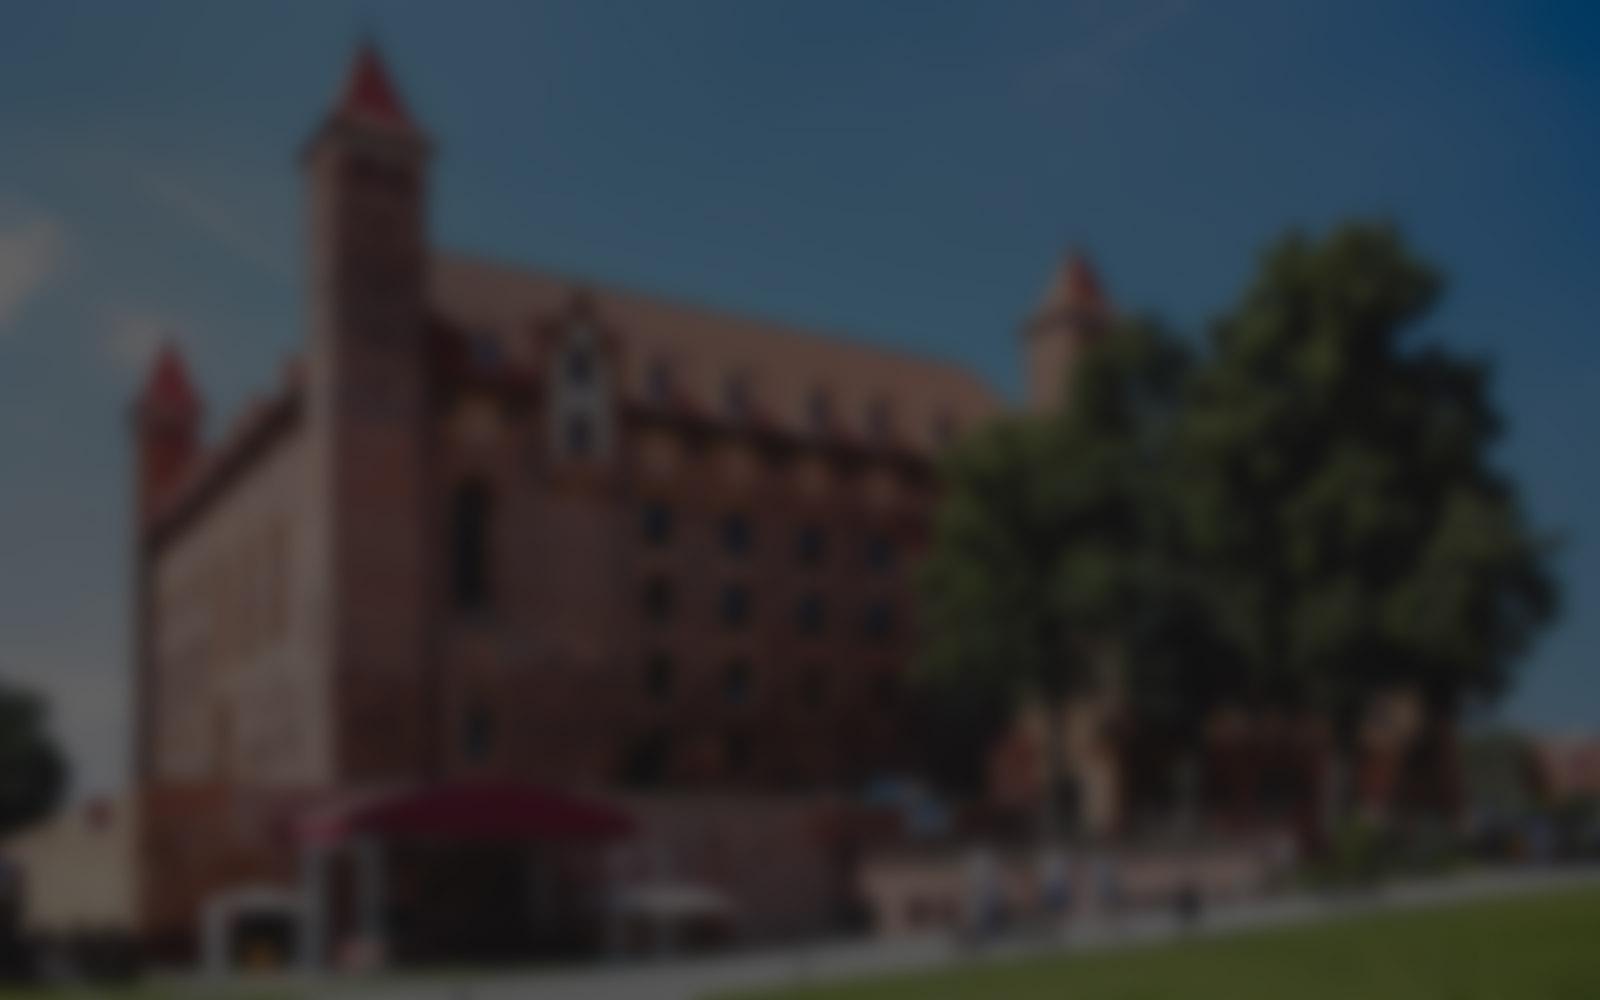 bg-campus-blurred